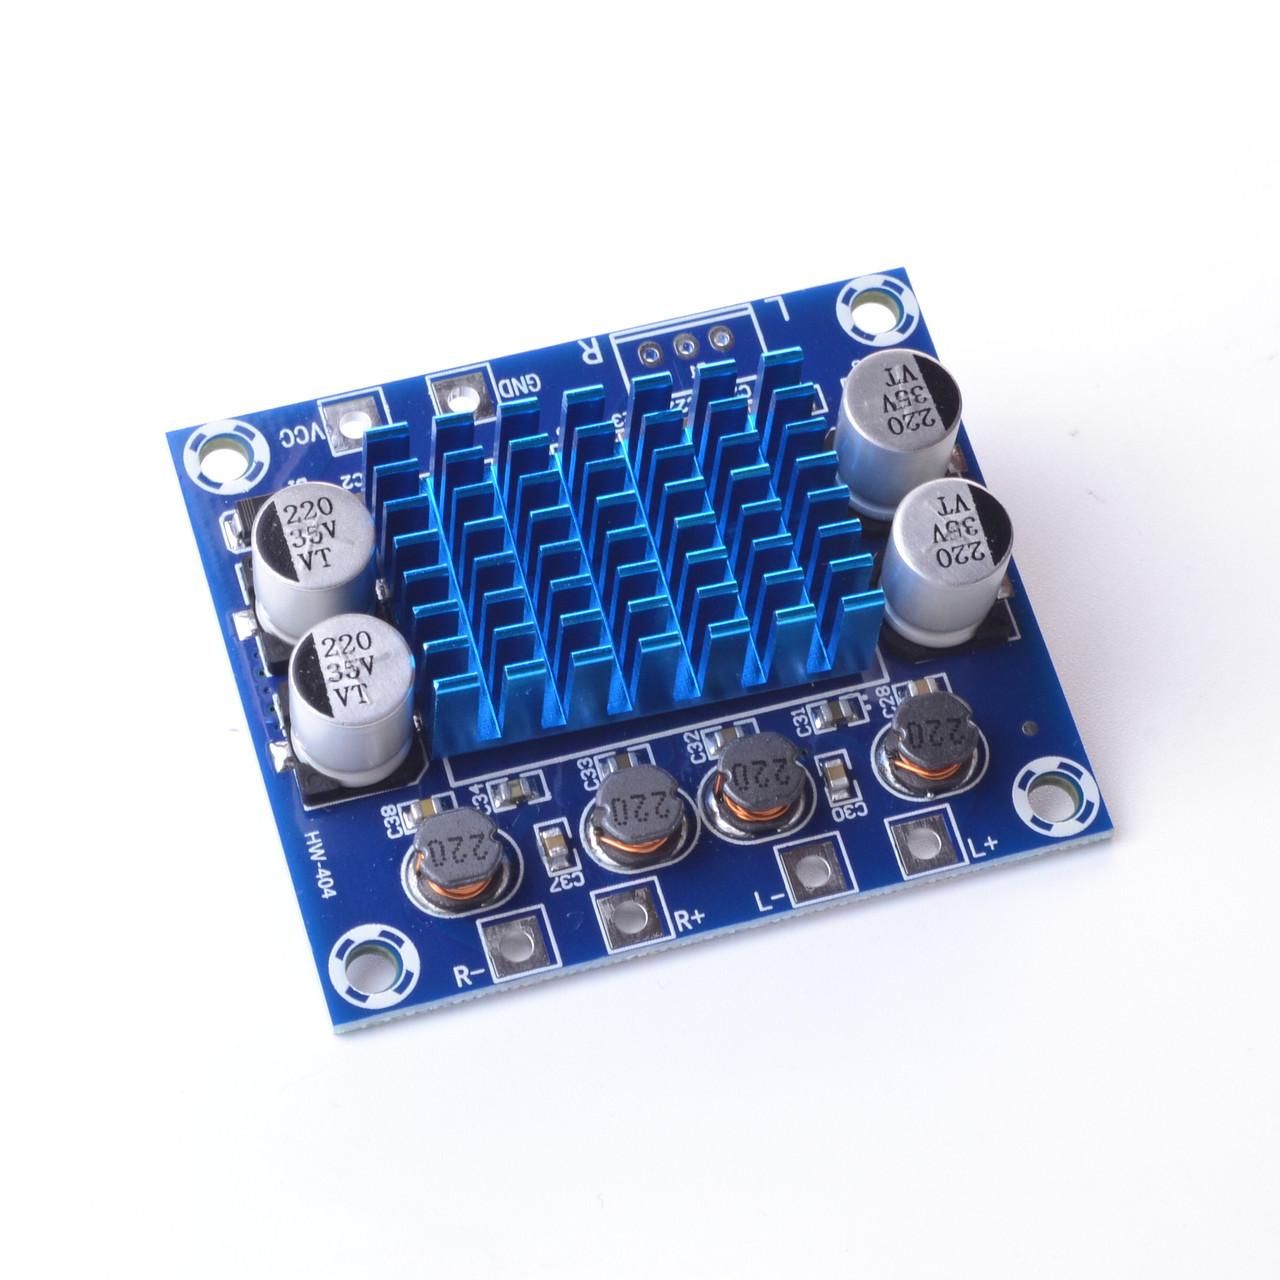 Звуковий підсилювач TPA3110 DC 8-26V XH-A232 30 Вт + 30 Вт 2,0 канальний цифровий стерео аудіо підсилювач